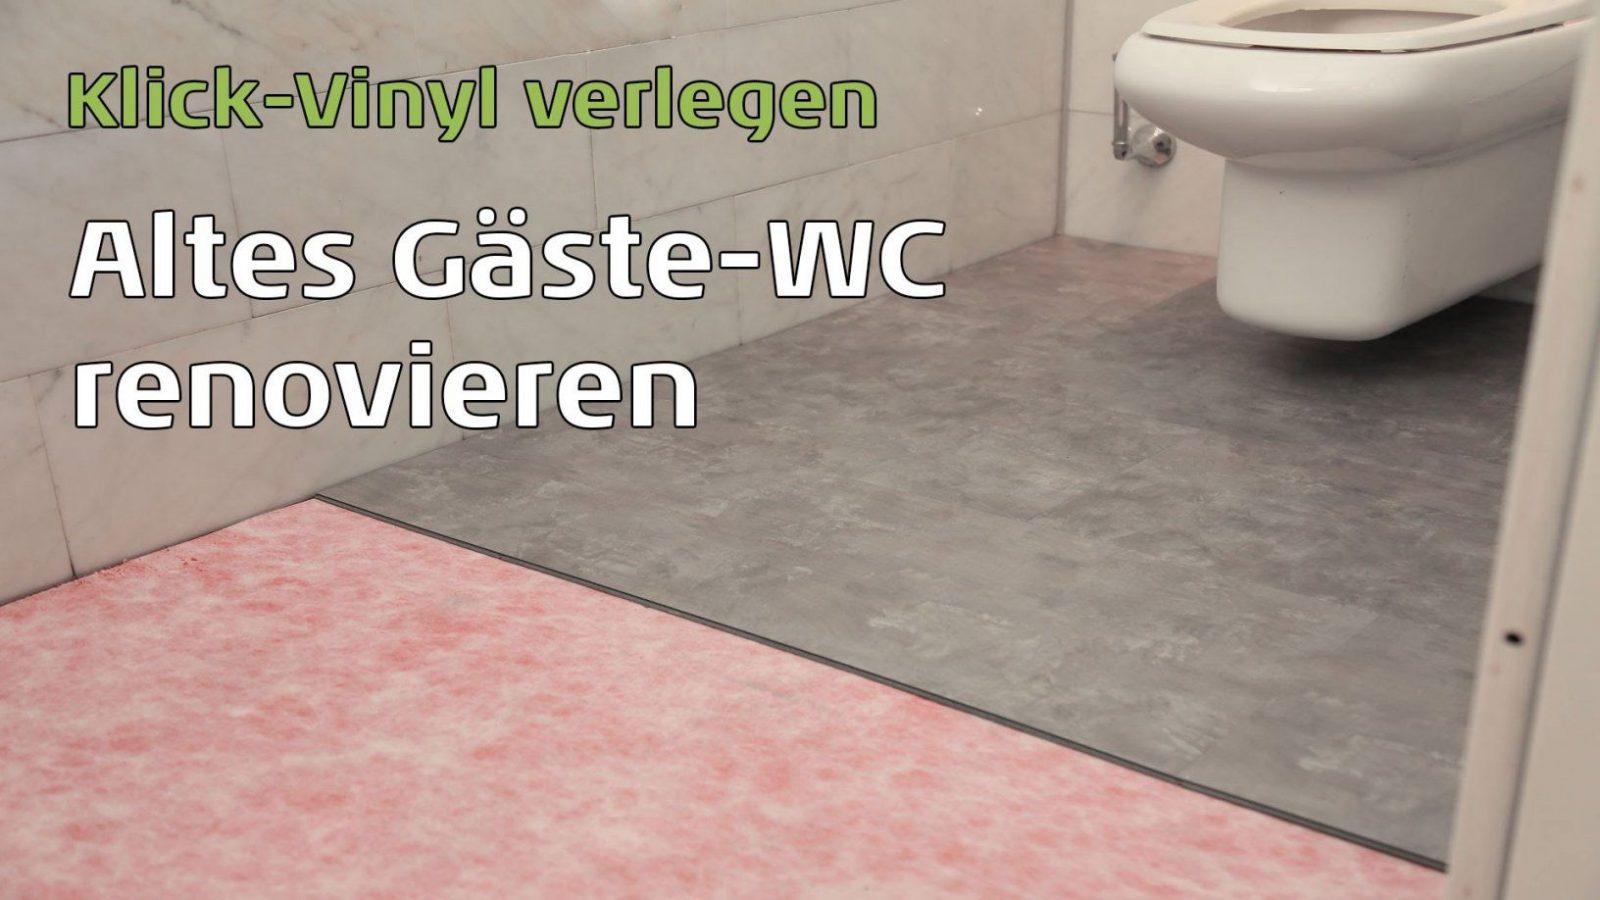 Wc Renovierung Mit Klick Vinyl  Youtube von Vinyl Auf Fliesen Legen Photo